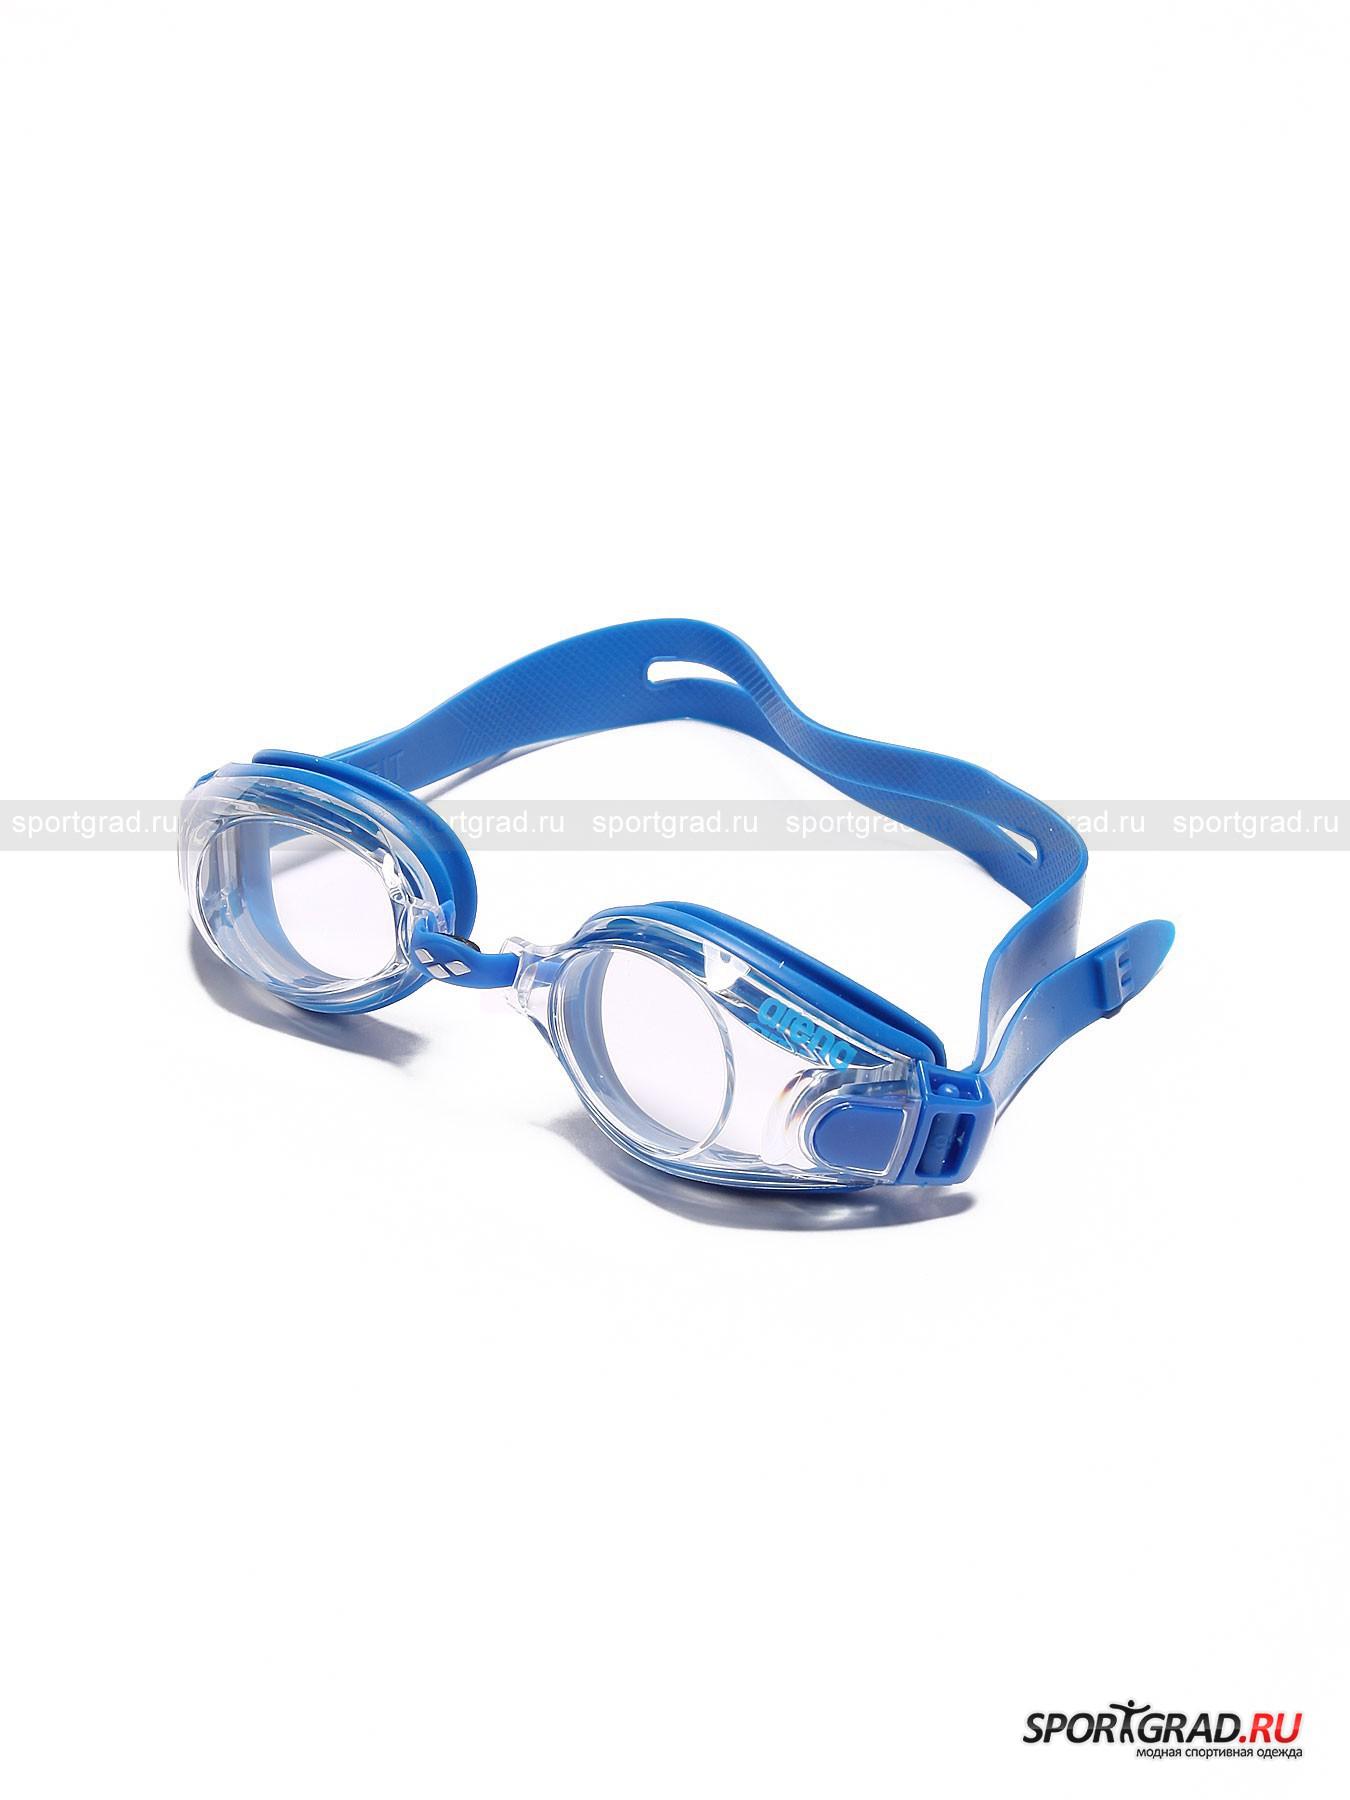 Очки для плавания Zoom X-Fit ARENAОчки Для Плавания<br>Отличные очки из линейки Training Series подойдут как для тренировок в бассейне, так и для использования в открытых водоёмах. Эту модель отличает  особенное удобство: двойной силиконовый ремешок, мягкая неопреновая подушечка на носовой перемычке и уплотнитель из силиконового геля. К тому же очки снабжены небьющимися поликарбонатовыми линзами с системой анти-туман, которые гарантируют прекрасный подводный обзор. А также защитой от УФ-лучей.  Если Вам нужны комфортные очки для плавания, то Вы нашли их!<br><br>Возраст: Взрослый<br>Тип: Очки Для Плавания<br>Рекомендации по уходу: После каждого использования споласкивать пресной водой, сушить в стороне от батарей и солнечных лучей, регулярно восстанавливать антизапотевающий слой специальным спреем анти-фог.<br>Состав: Линзы - поликарбонат, подушечка - неопрен, уплотнитель и ремешок - силикон.